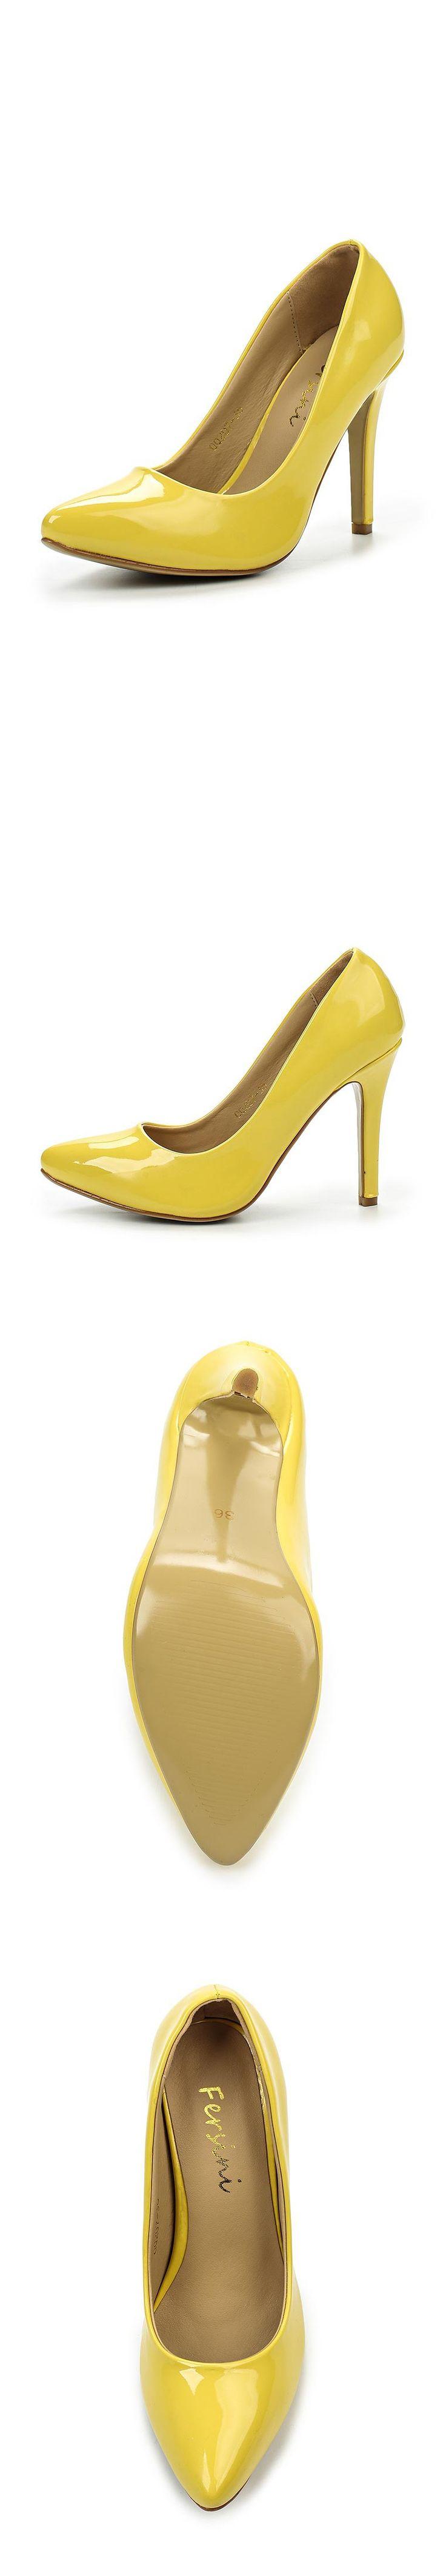 Женская обувь туфли Fersini за 1950.00 руб.